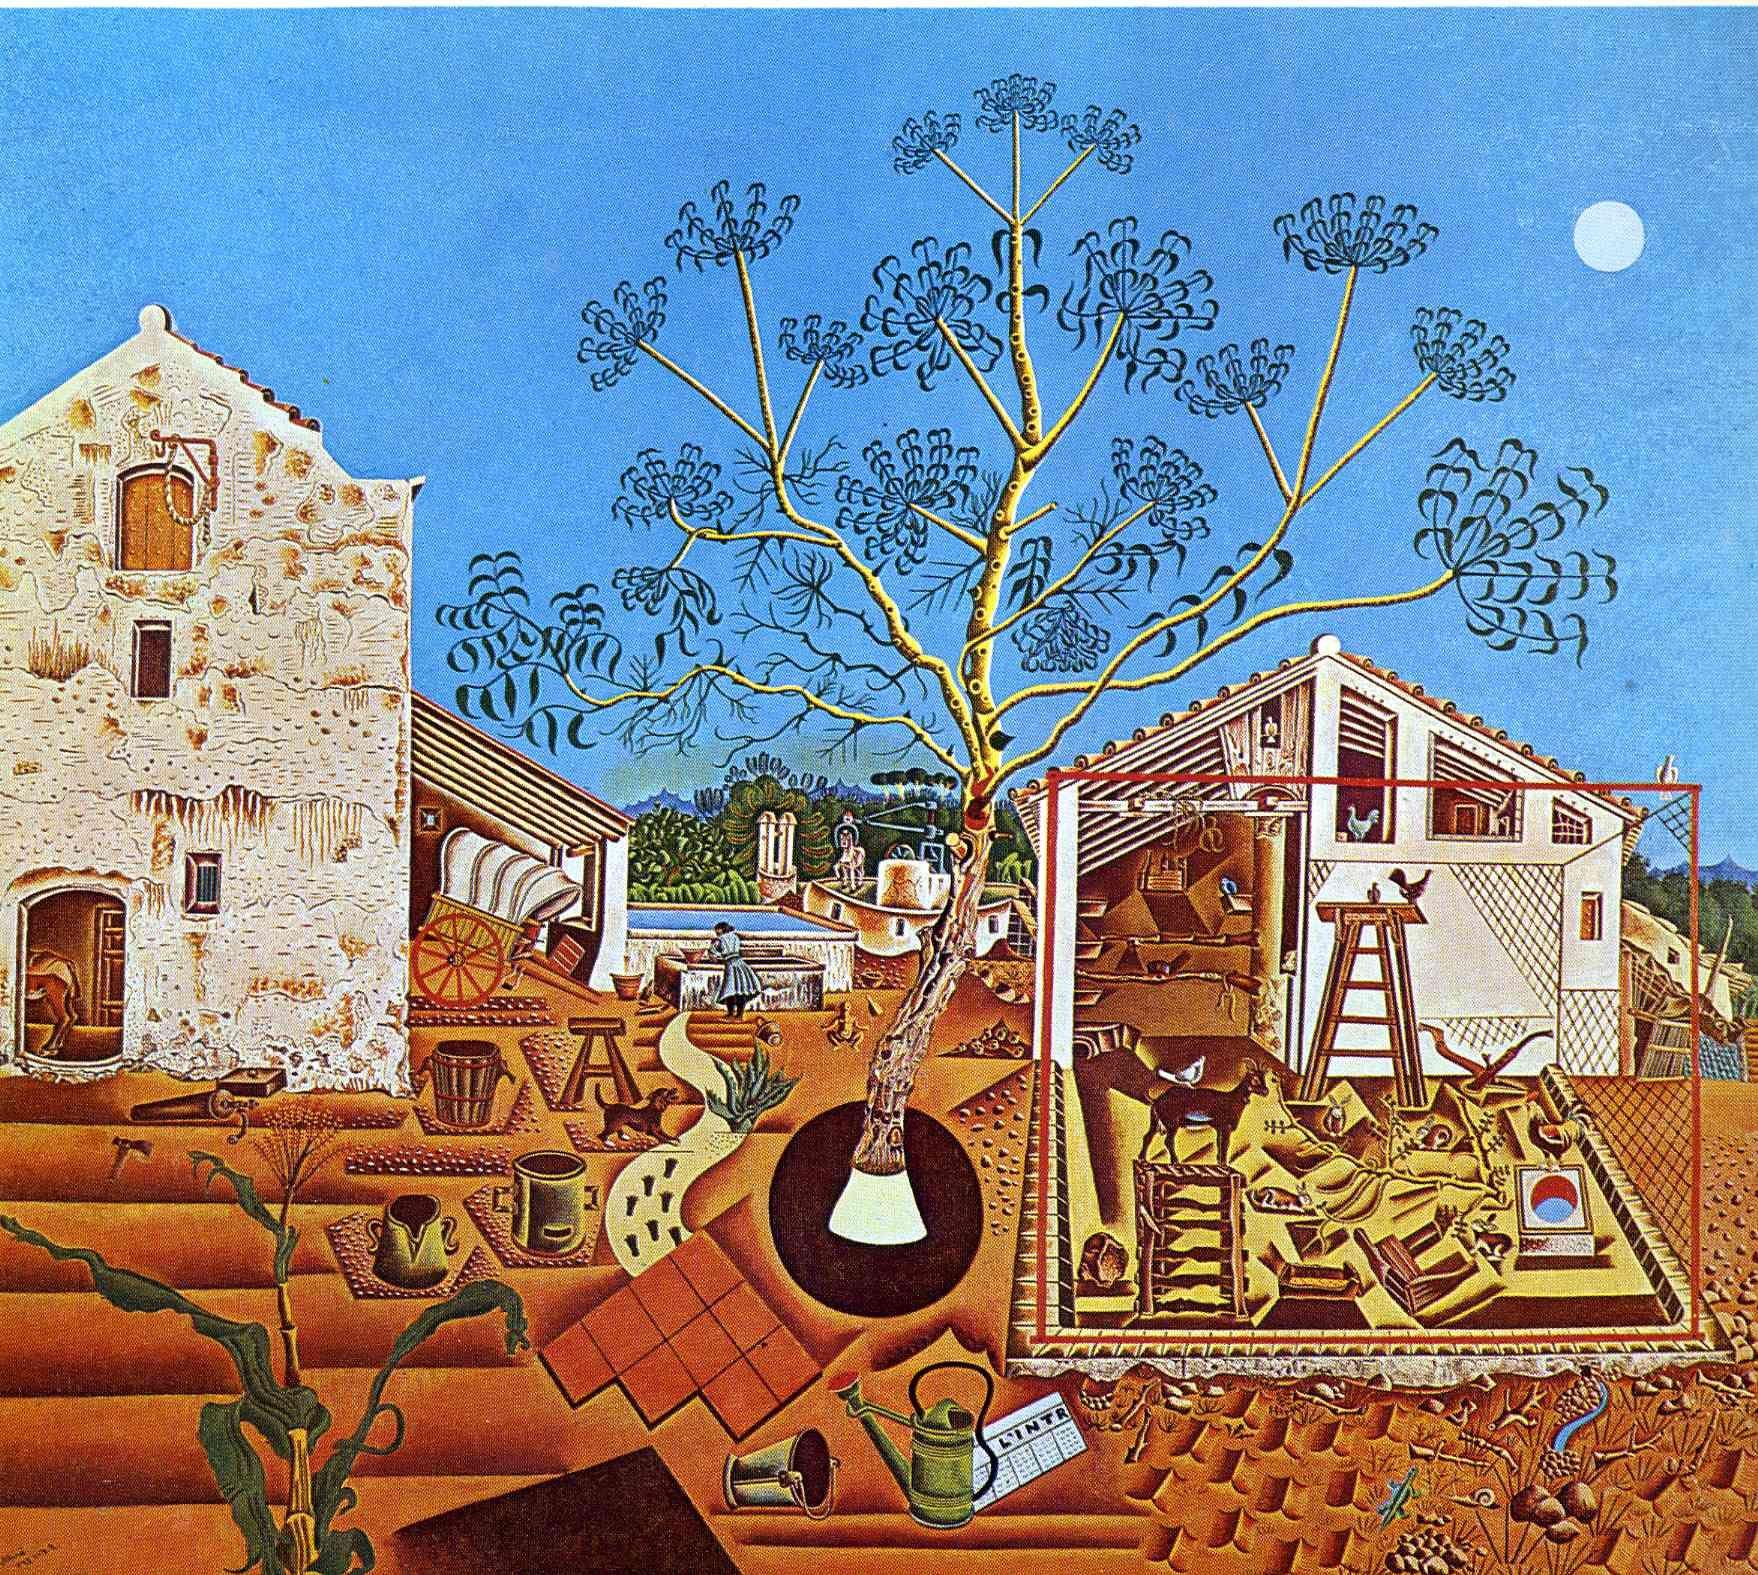 The Farm Joan Miro Paintings Wallpaper Image Miro